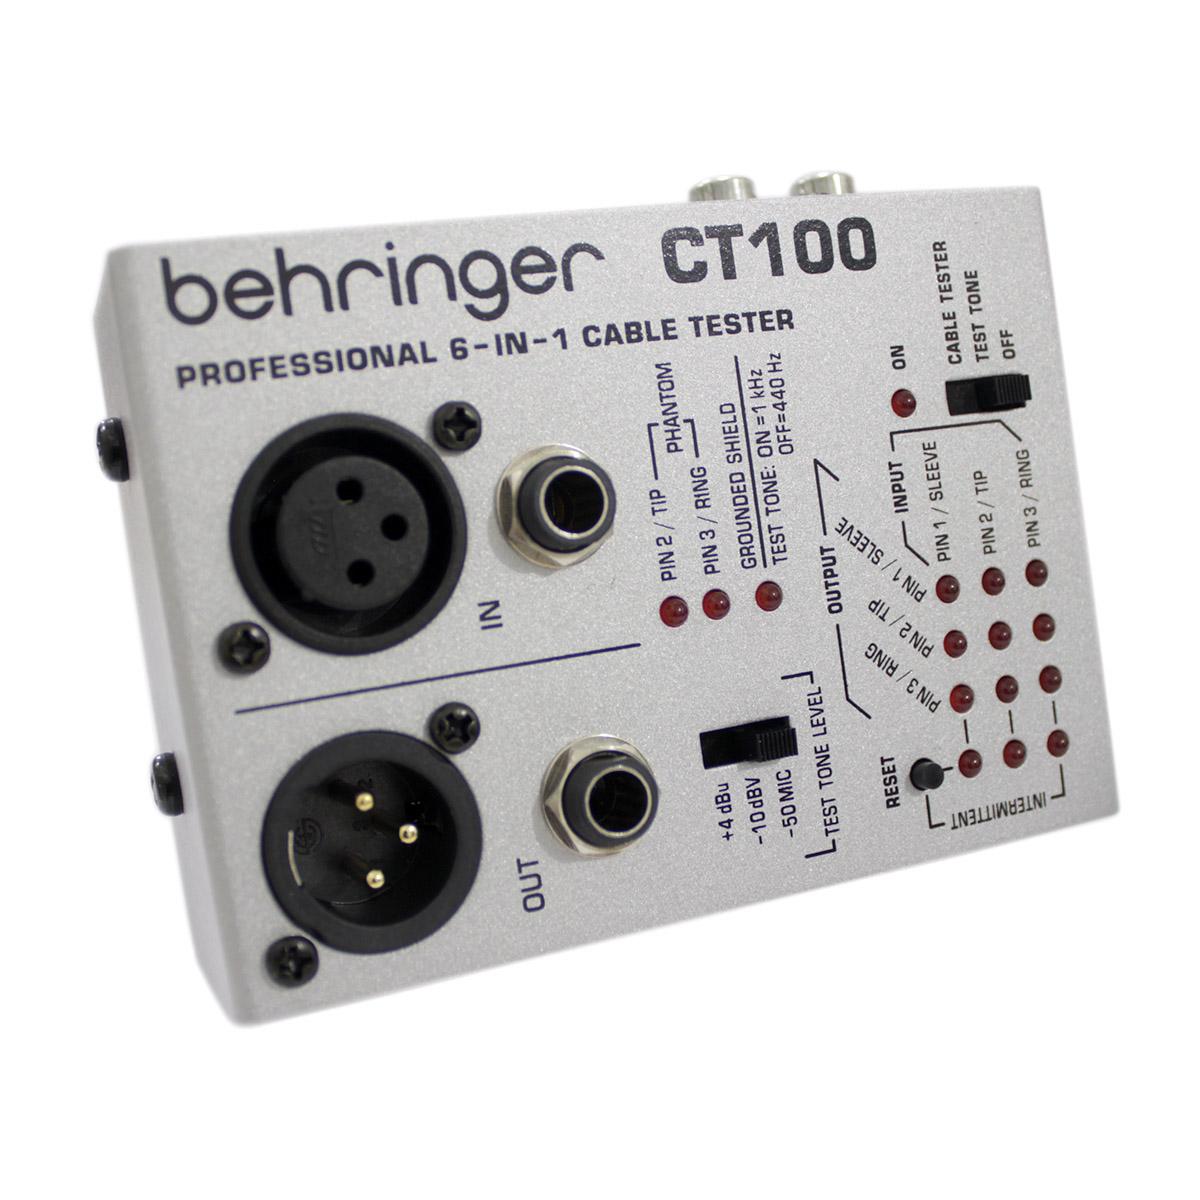 Testador de Cabos com 3 Modos de teste Behringer CT100